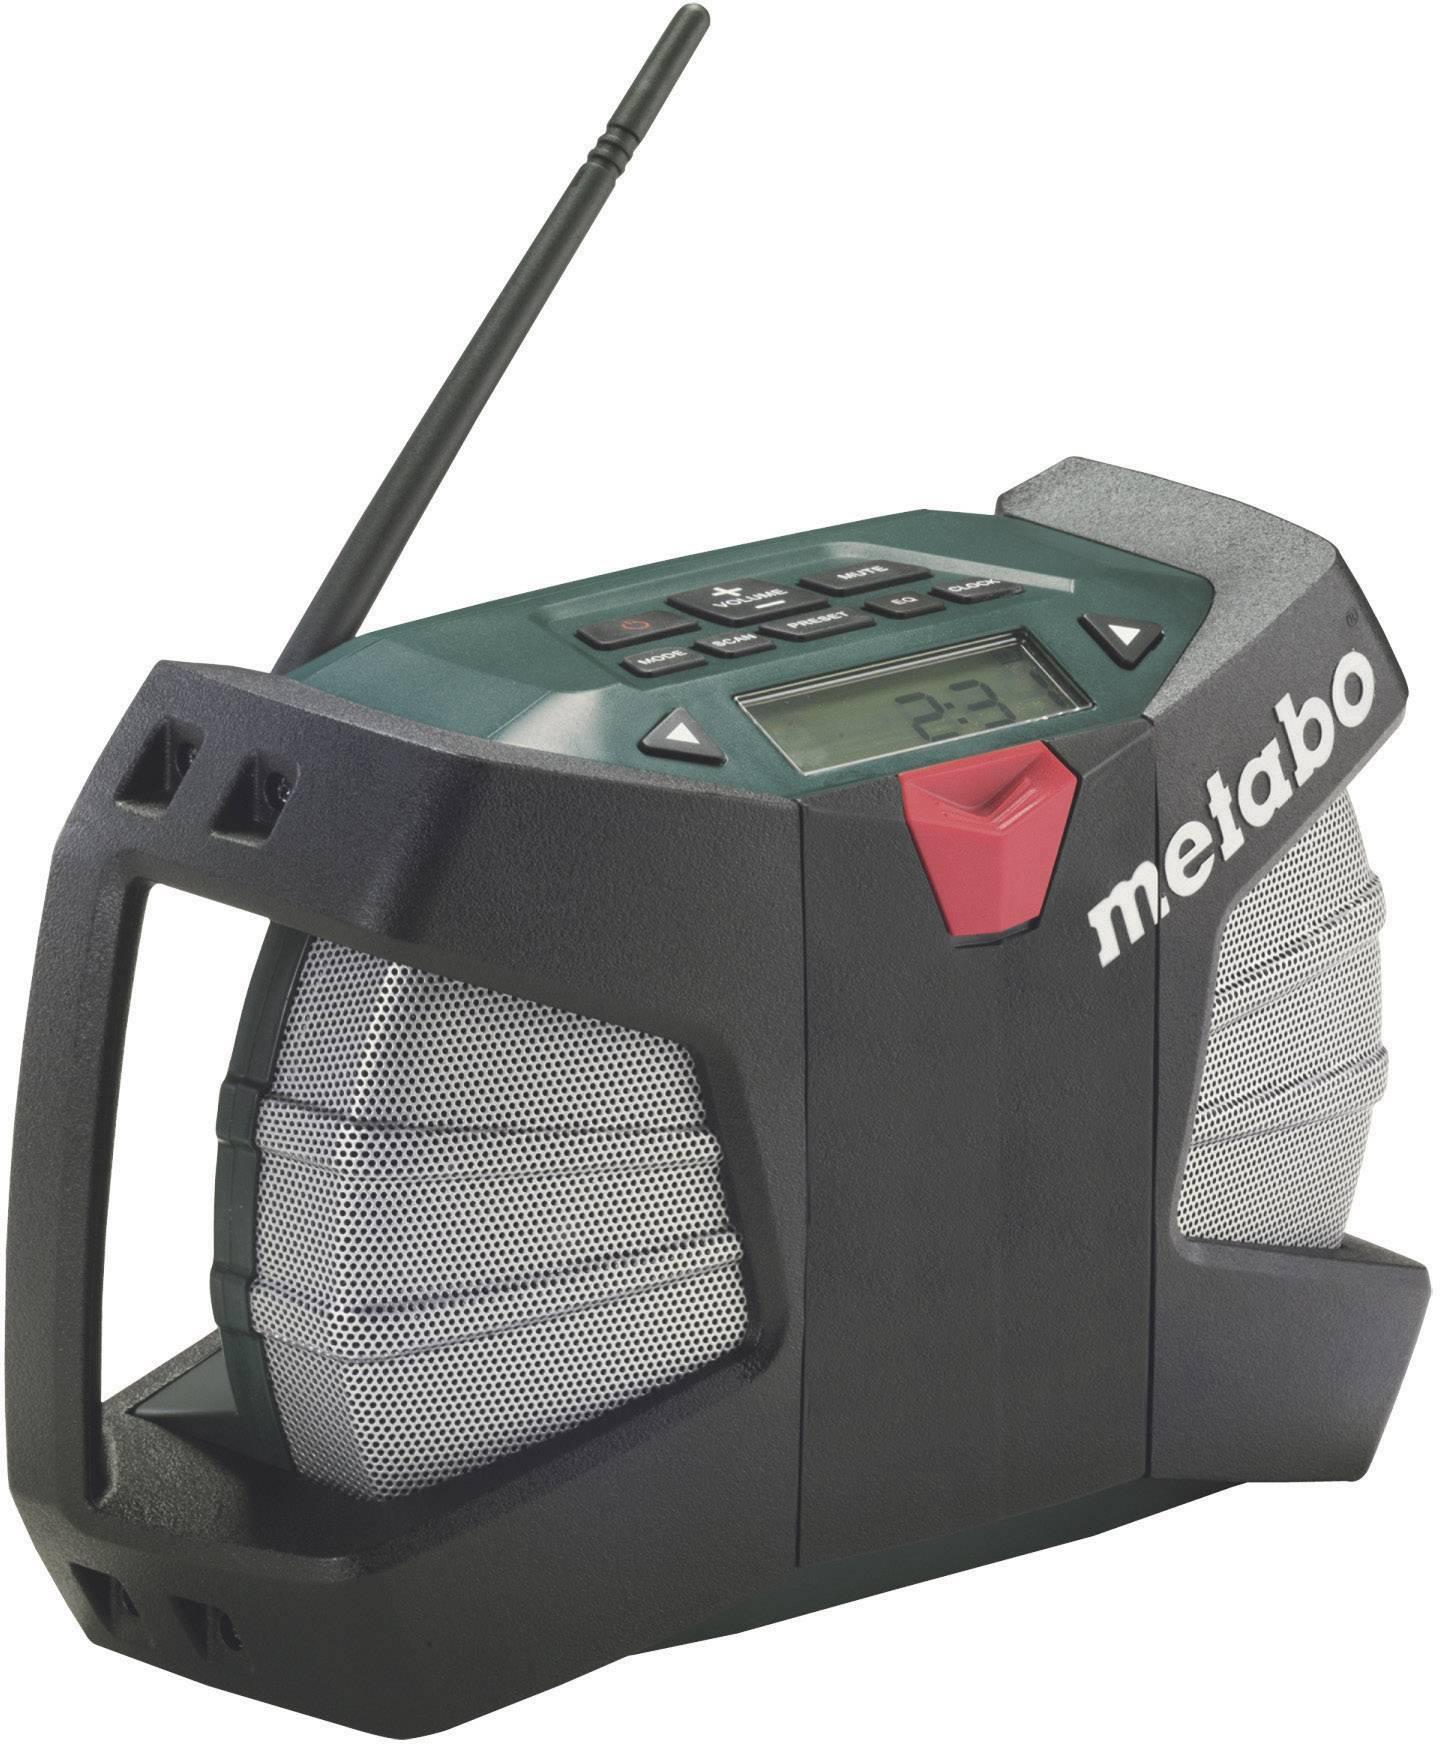 FM outdoorové rádio Metabo PowerMaxx RC 60211300 čierna, zelená